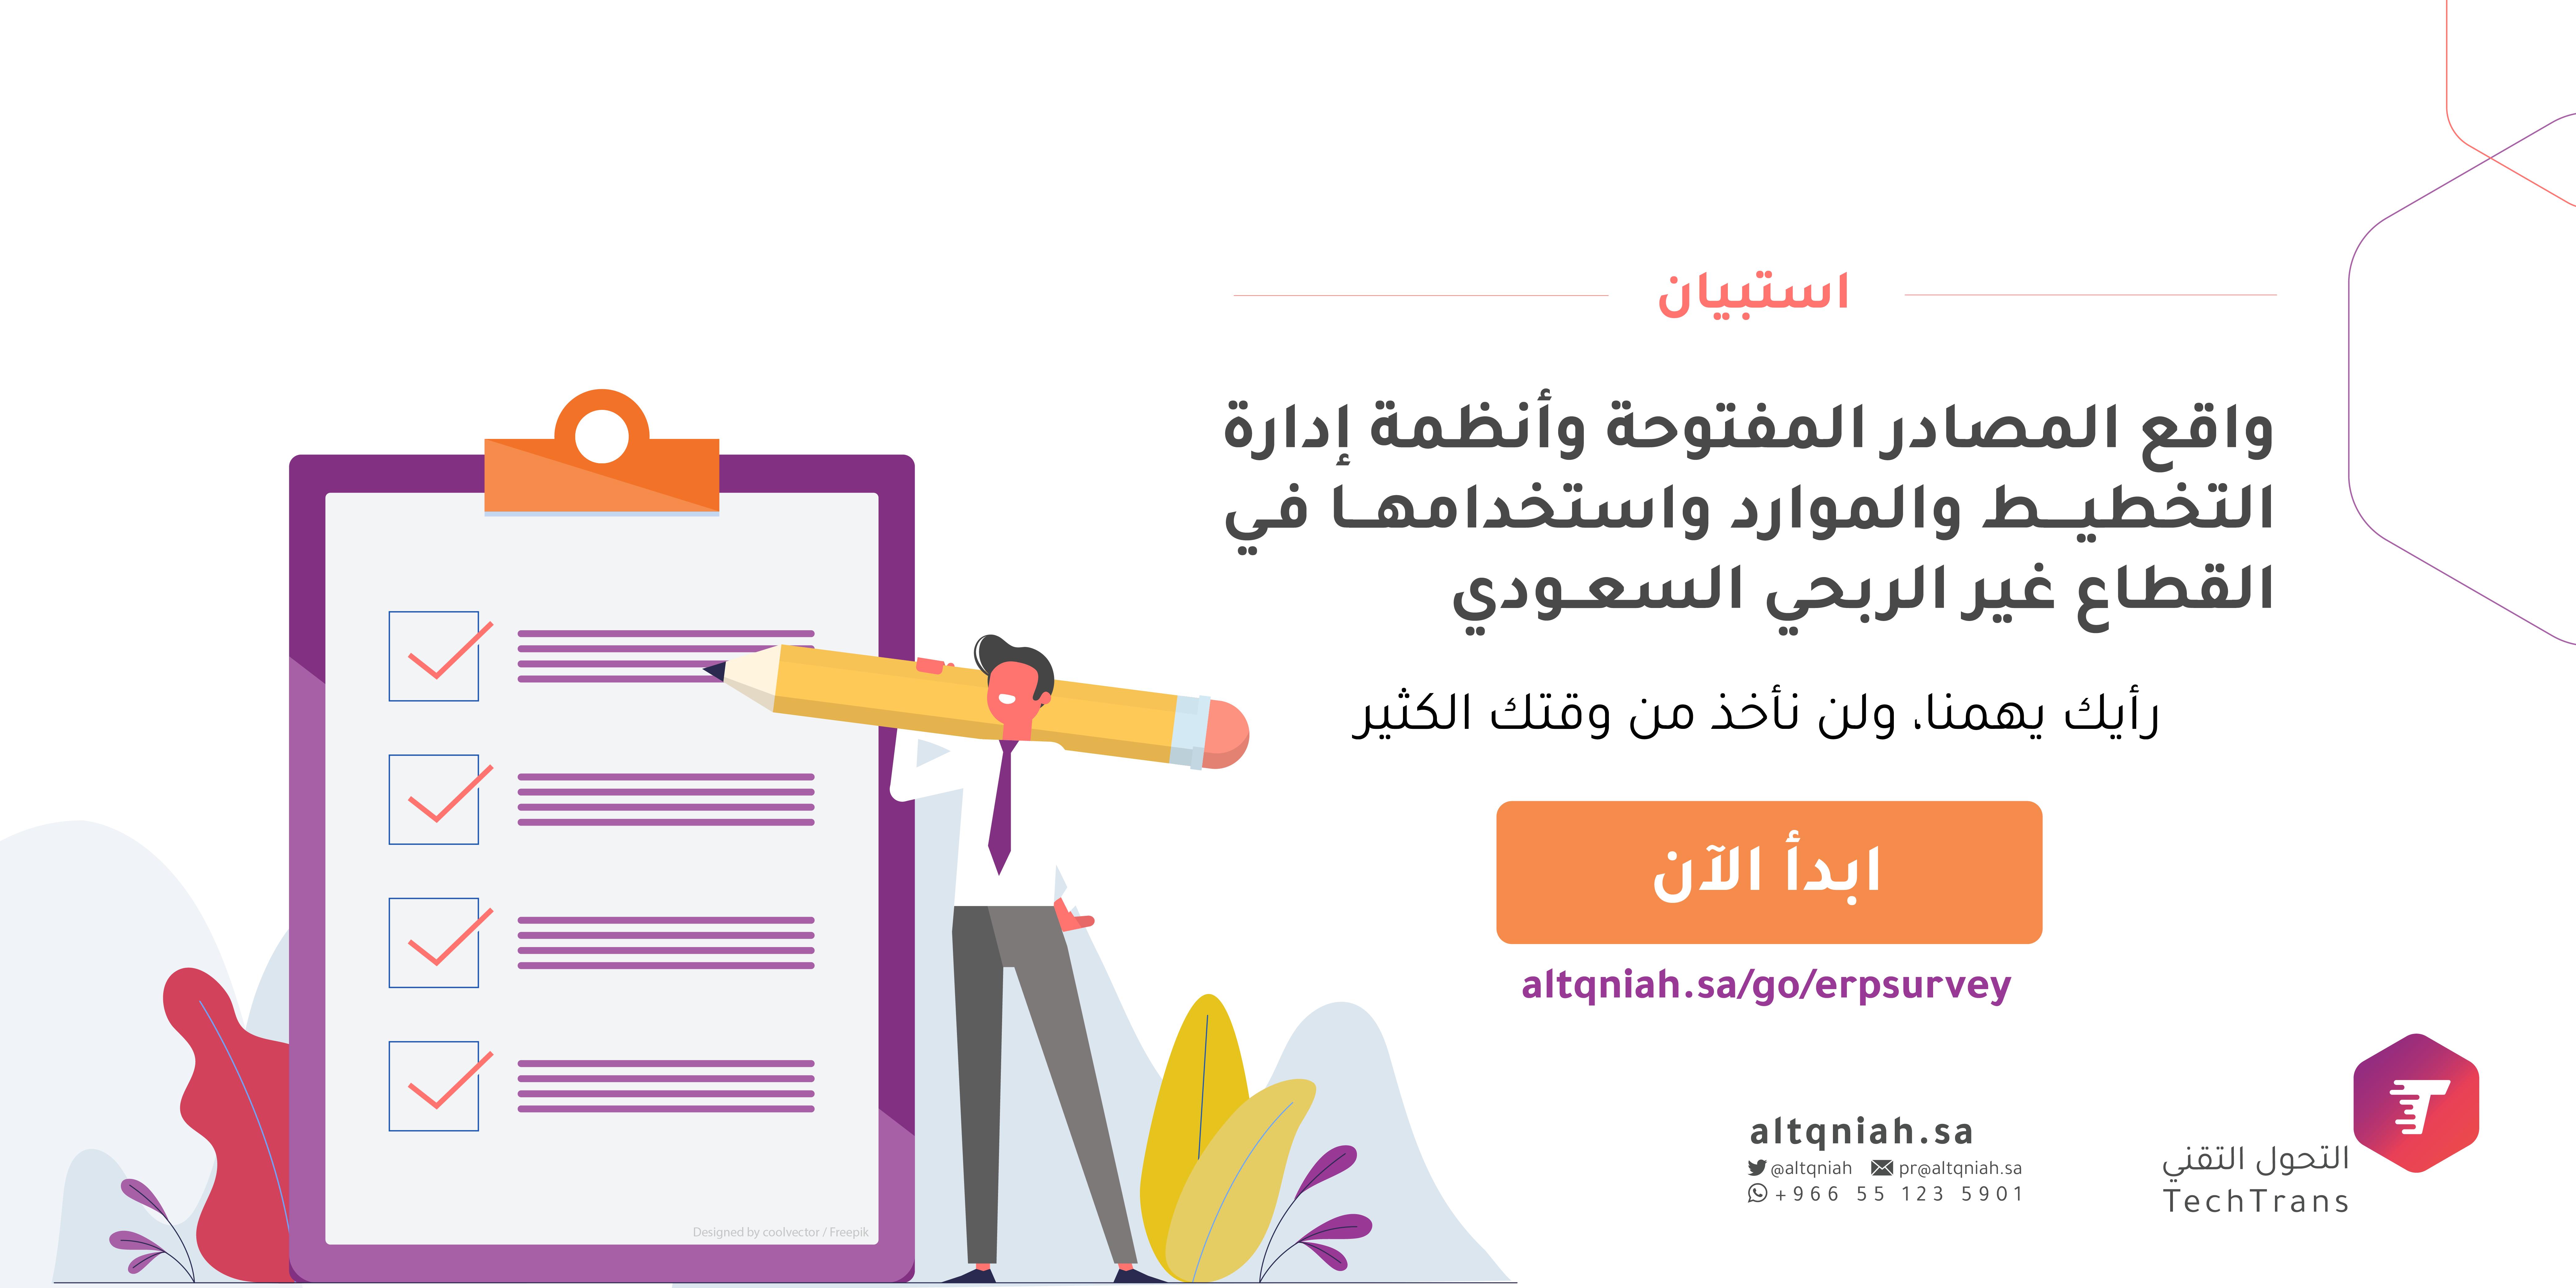 """استبيان معرفة """"واقع واستخدامات المصادر المفتوحة، وأنظمة إدارة التخطيط والموارد، في القطاع غير الربحي السعودي""""."""